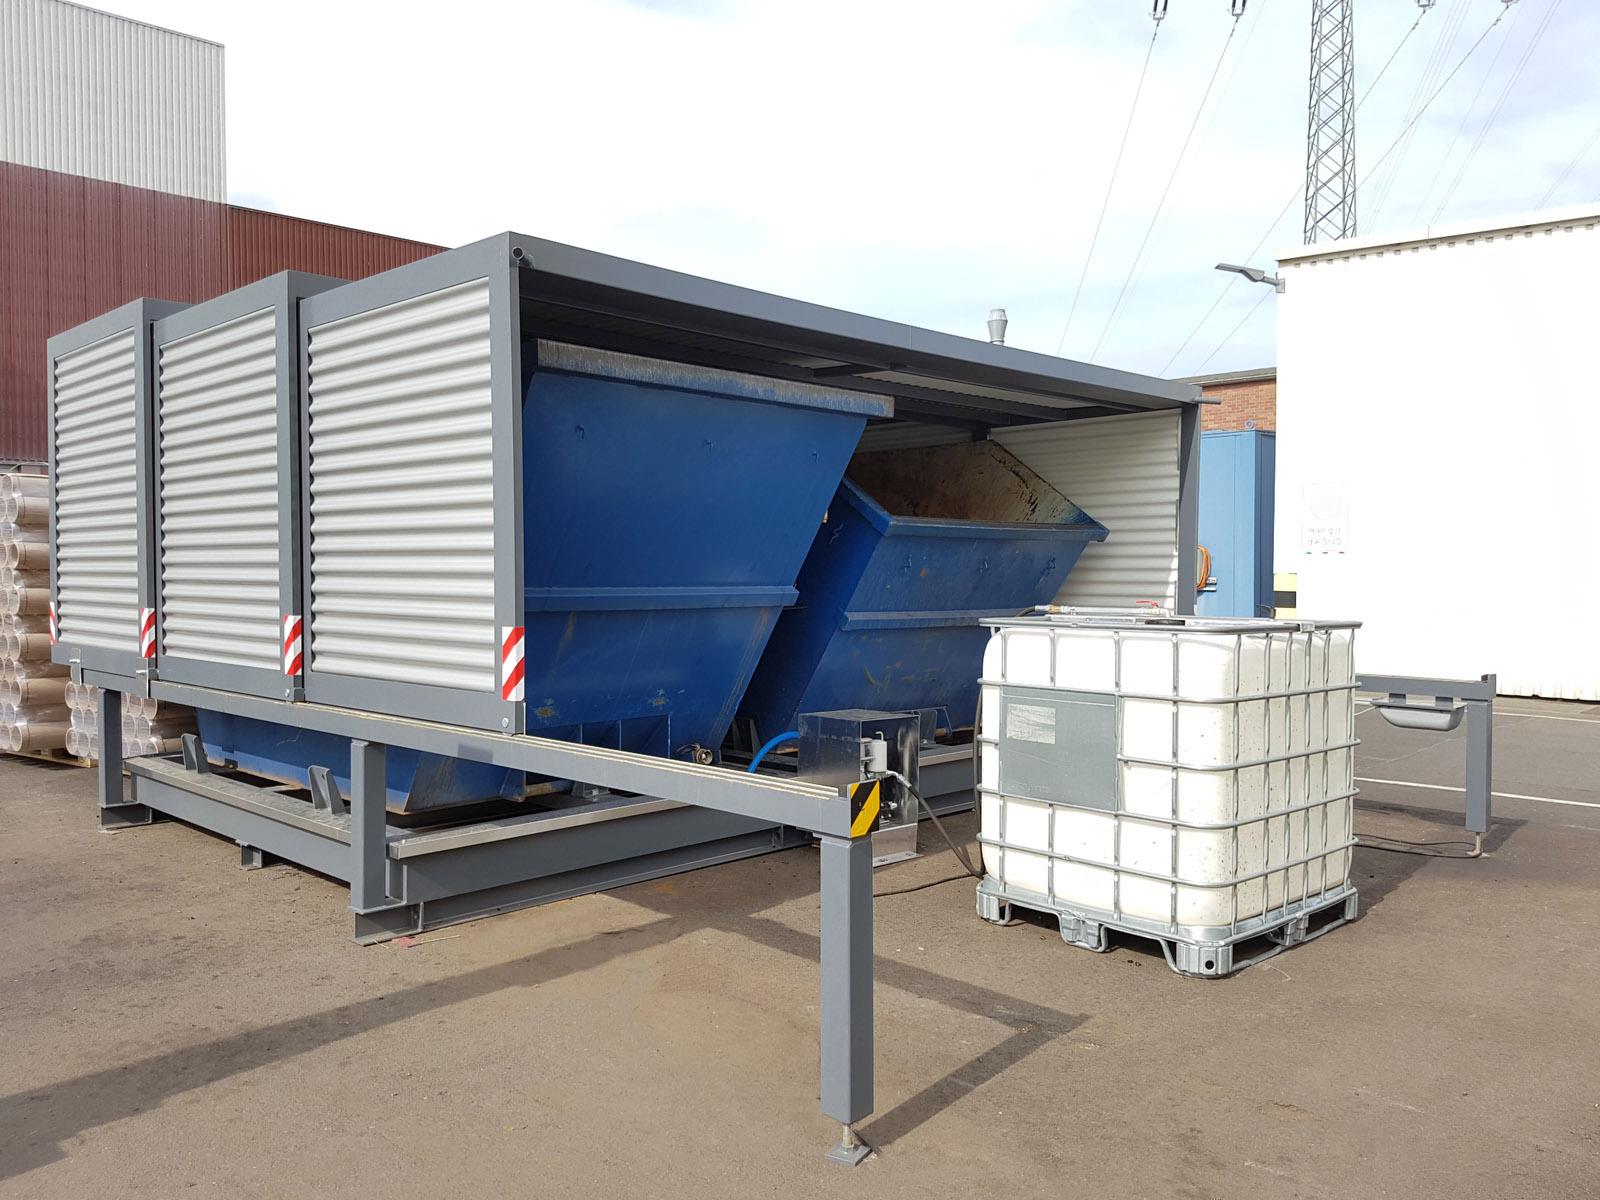 Containerstellplatz zur Emulsion Rückgewinnung